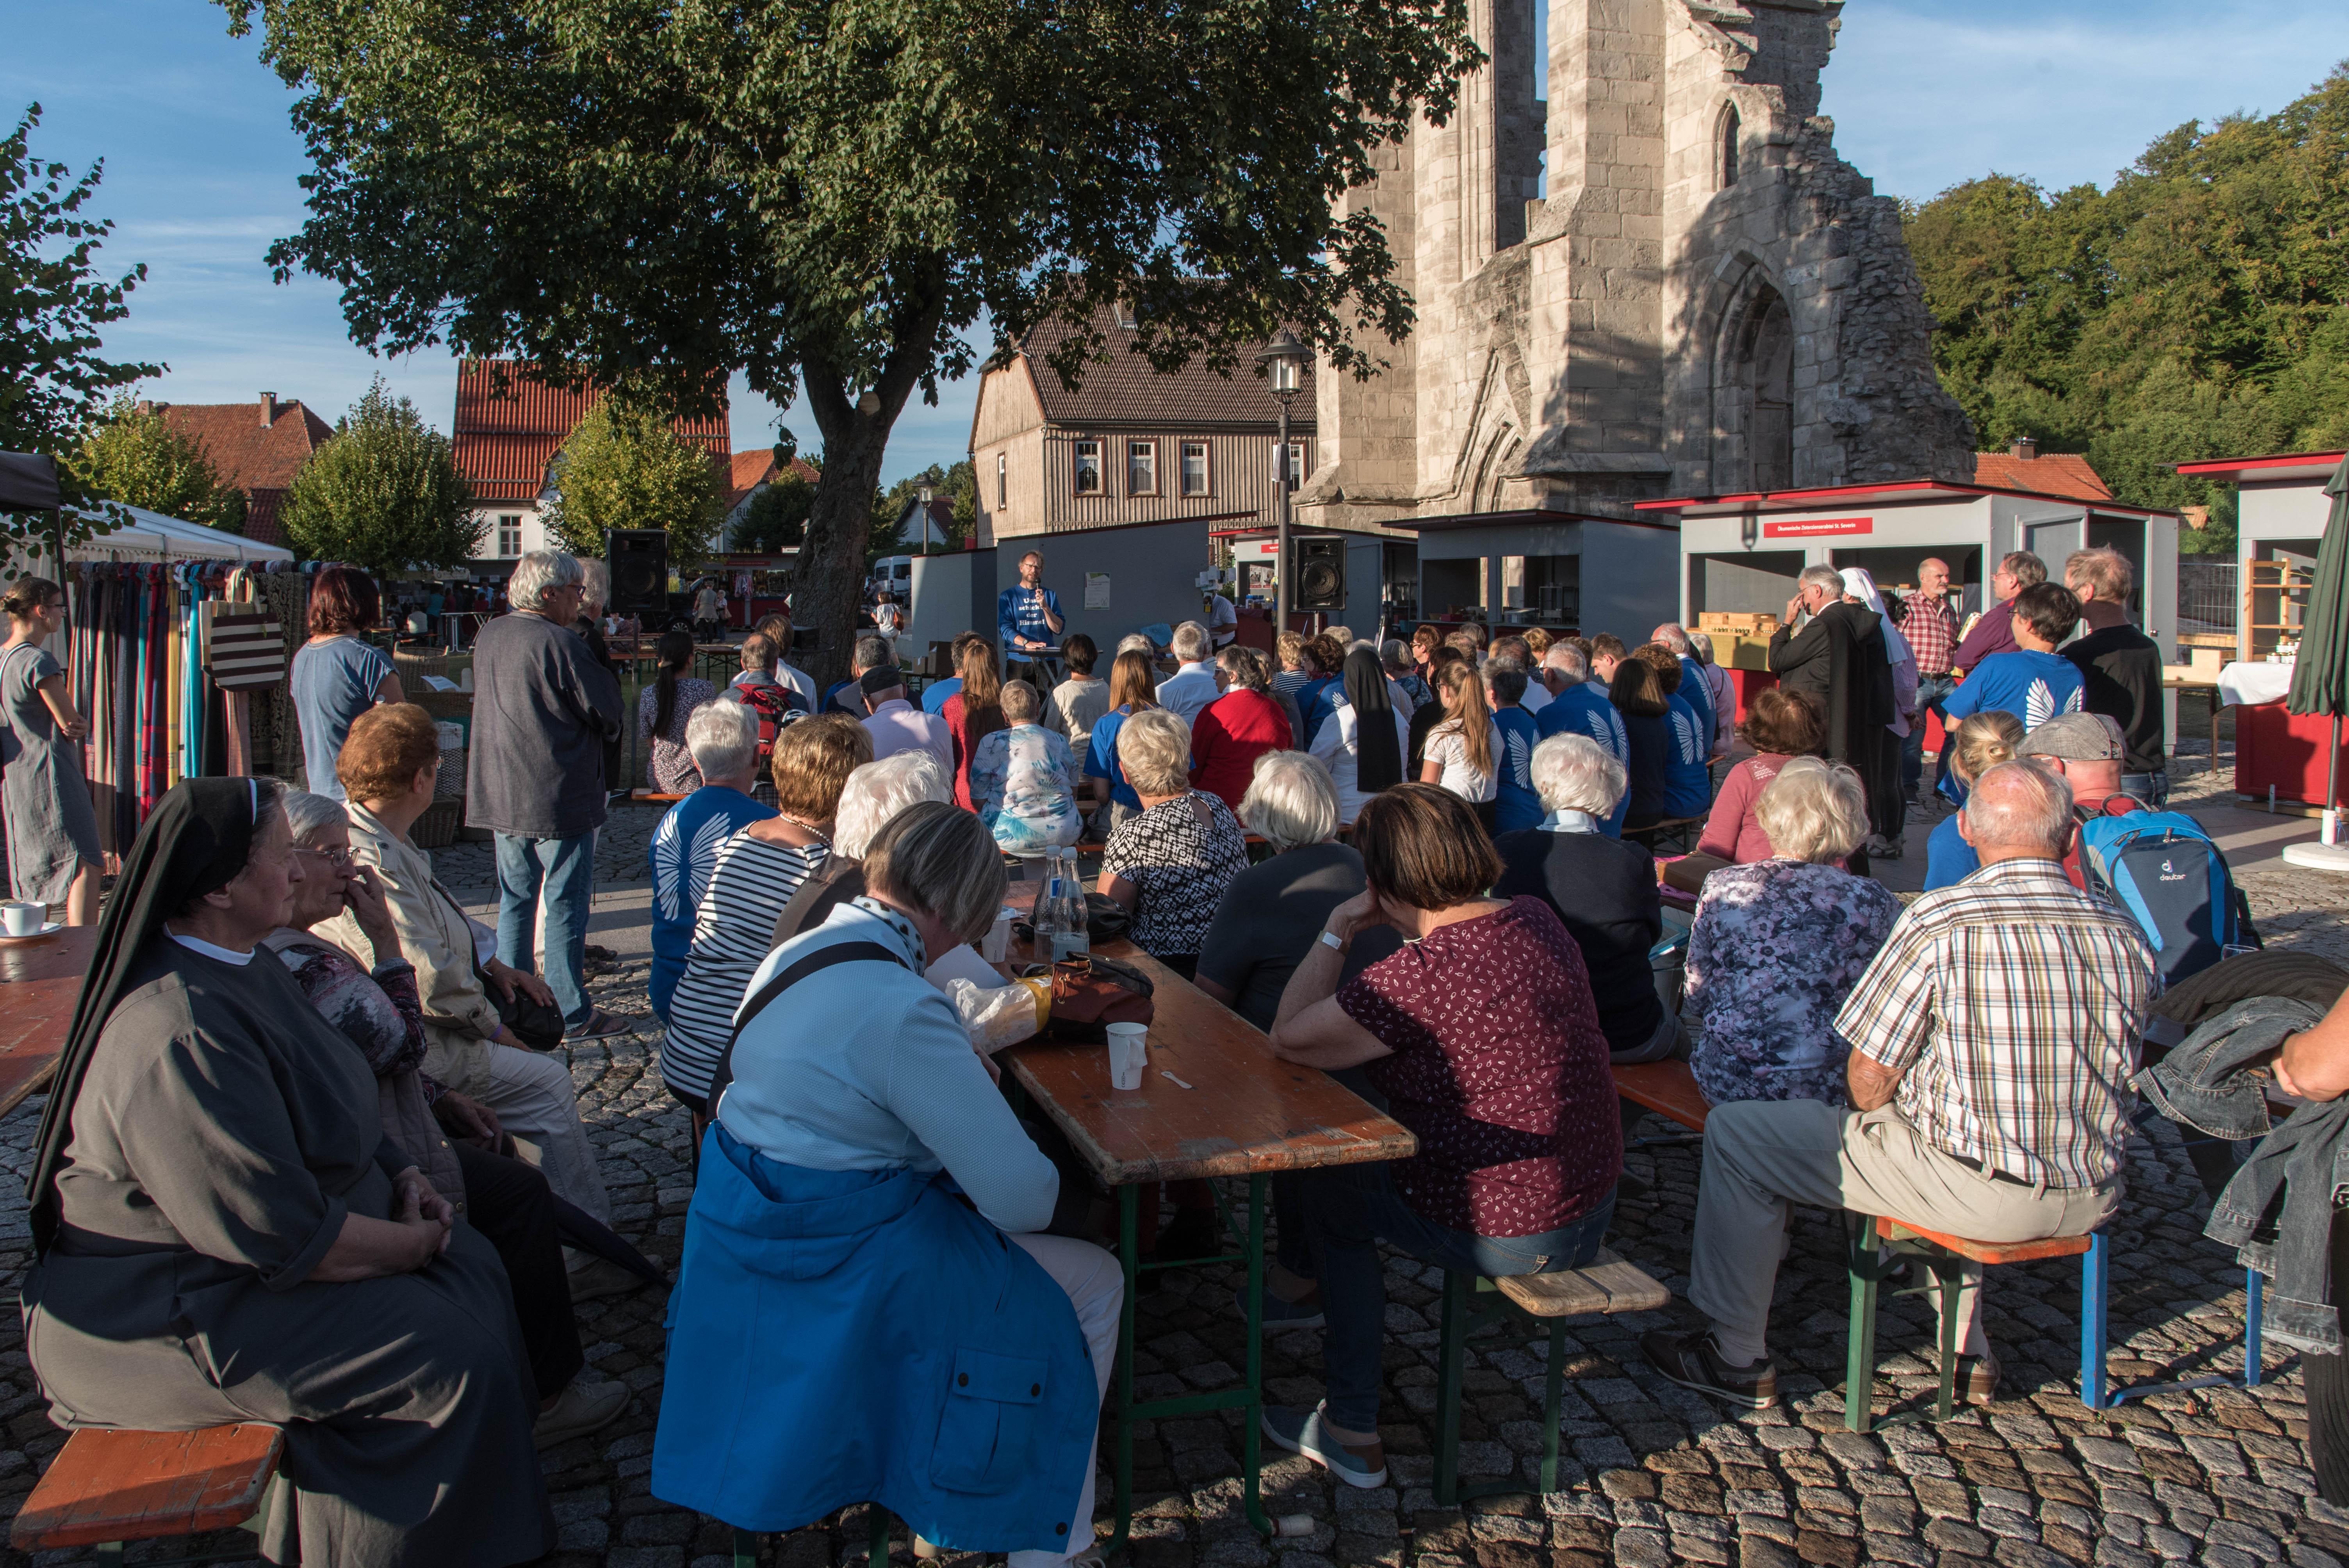 Kloster-Walkenried-Klostermarkt-Vorplatz